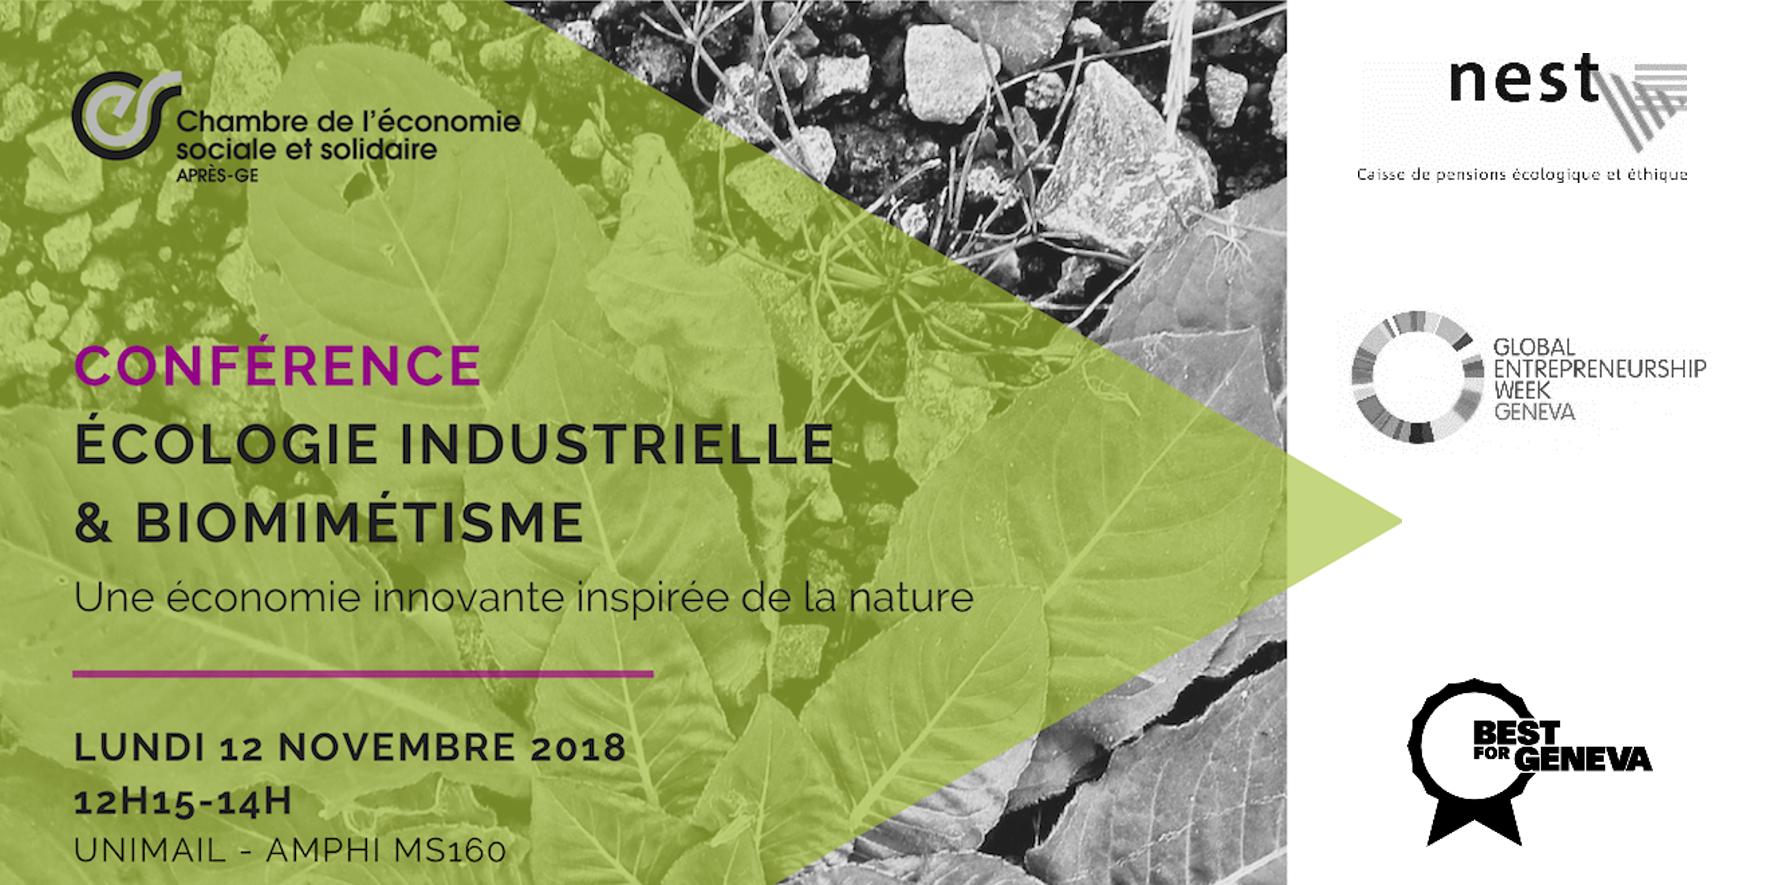 Conférence sur l'écologie industrielle et le biomimétisme